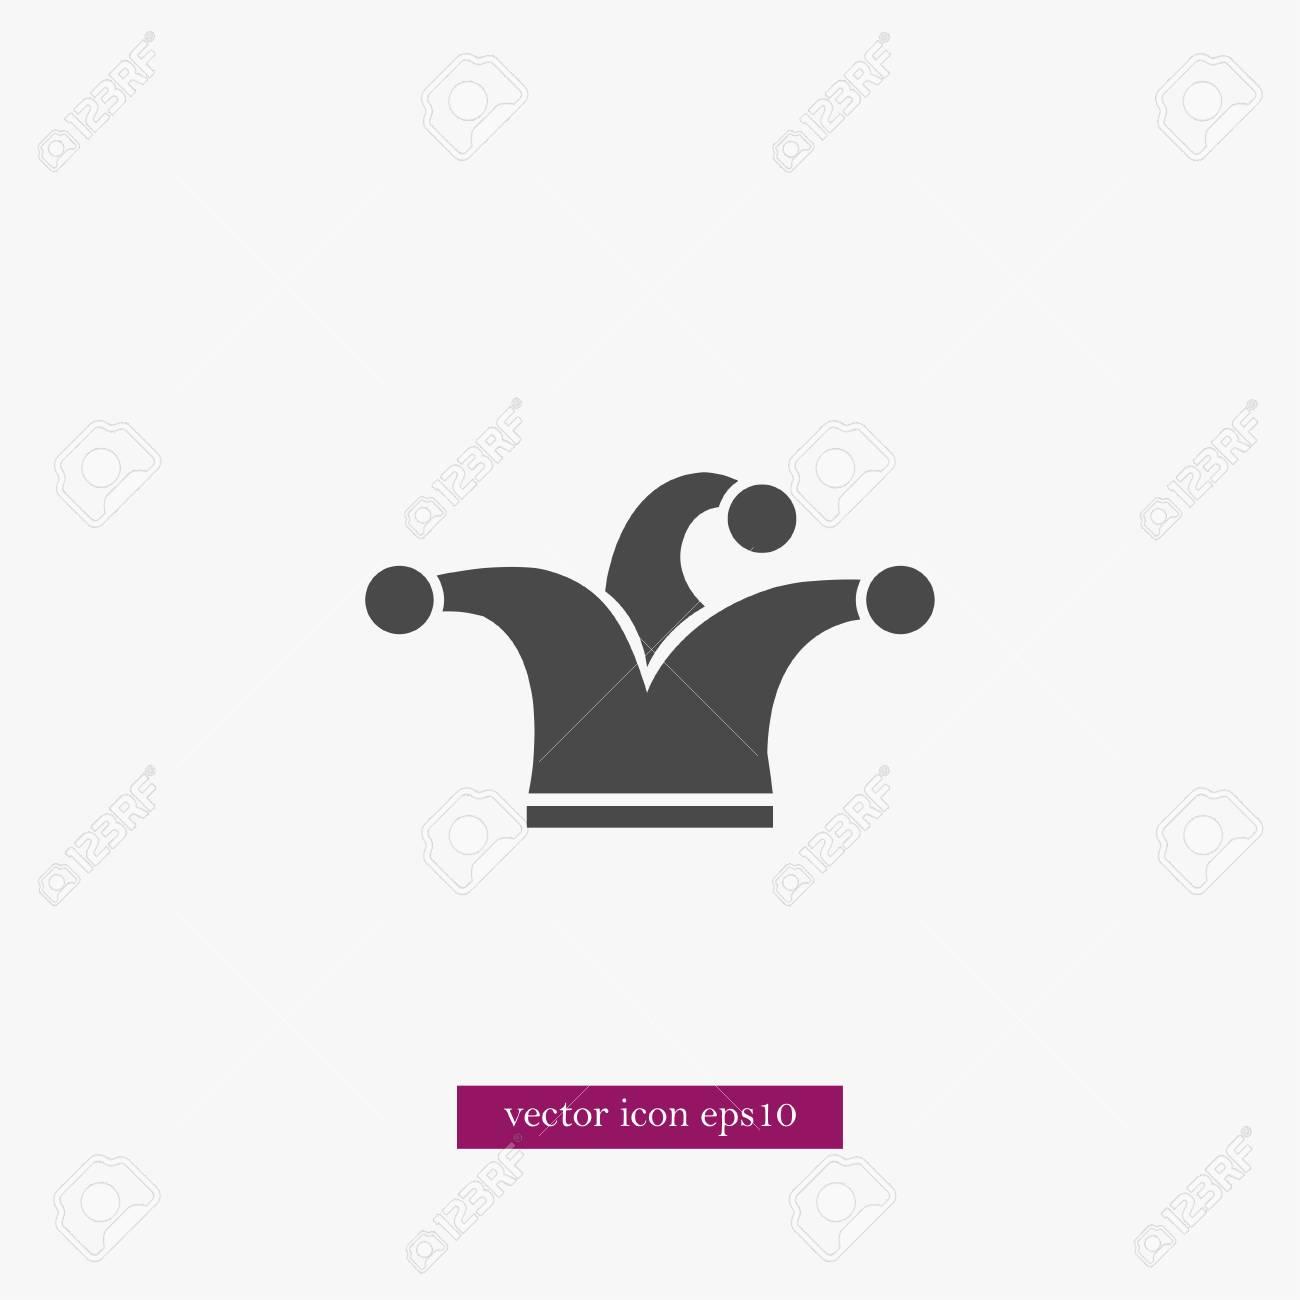 Foto de archivo - Payaso sombrero icono simple partido signo ilustración  vectorial 5337880c693